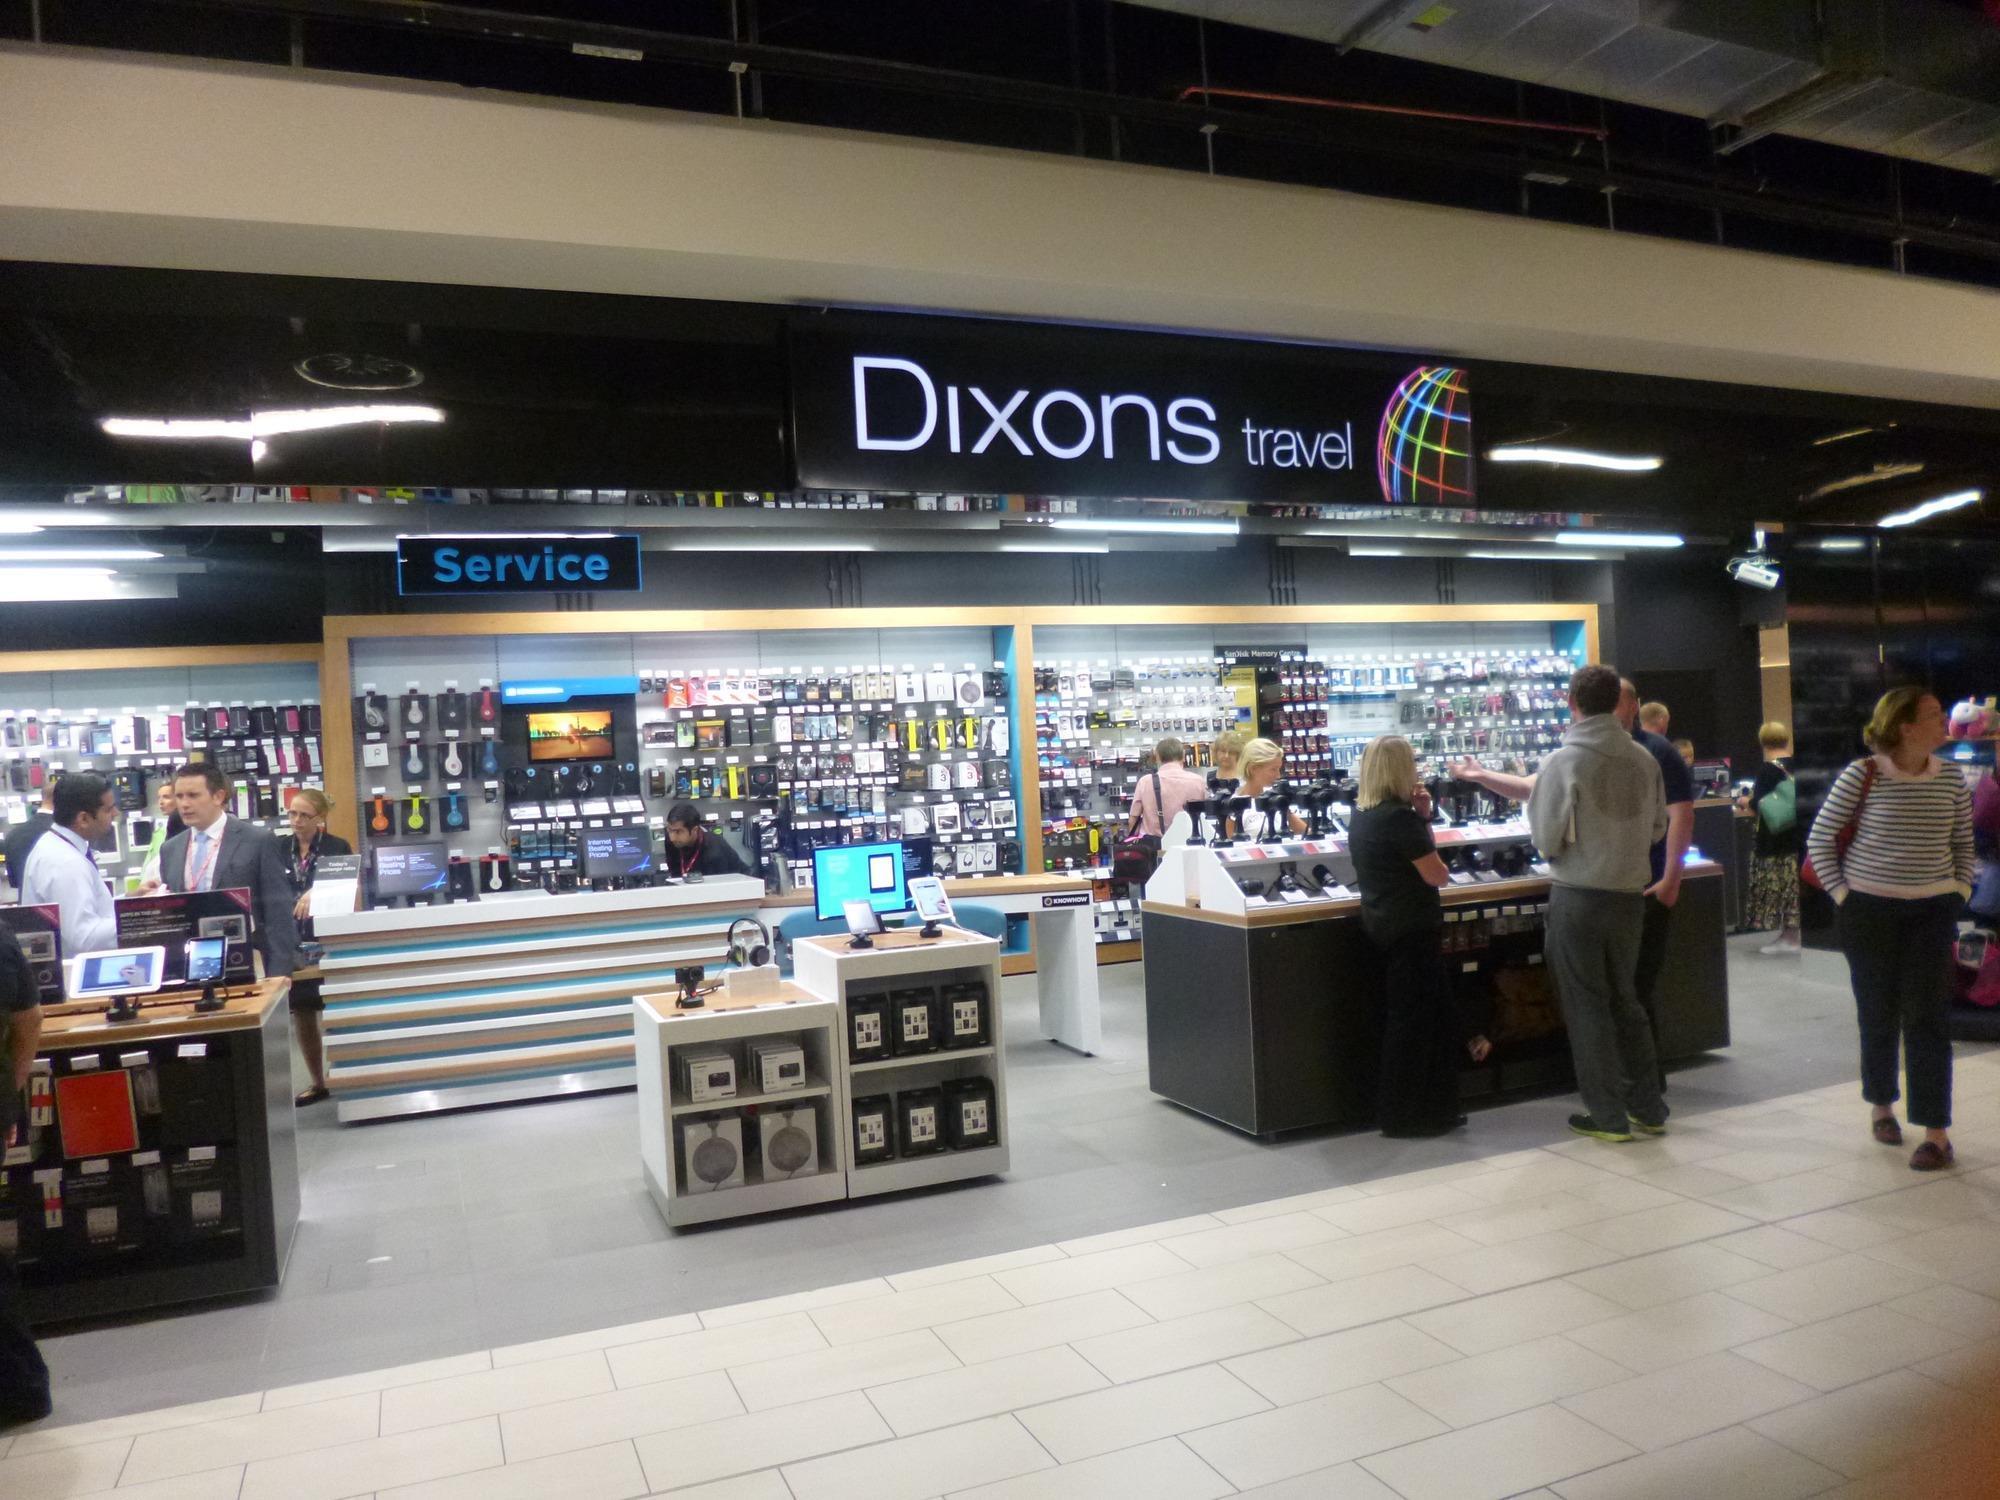 Dixons eyes global travel store growth | News | Retail Week